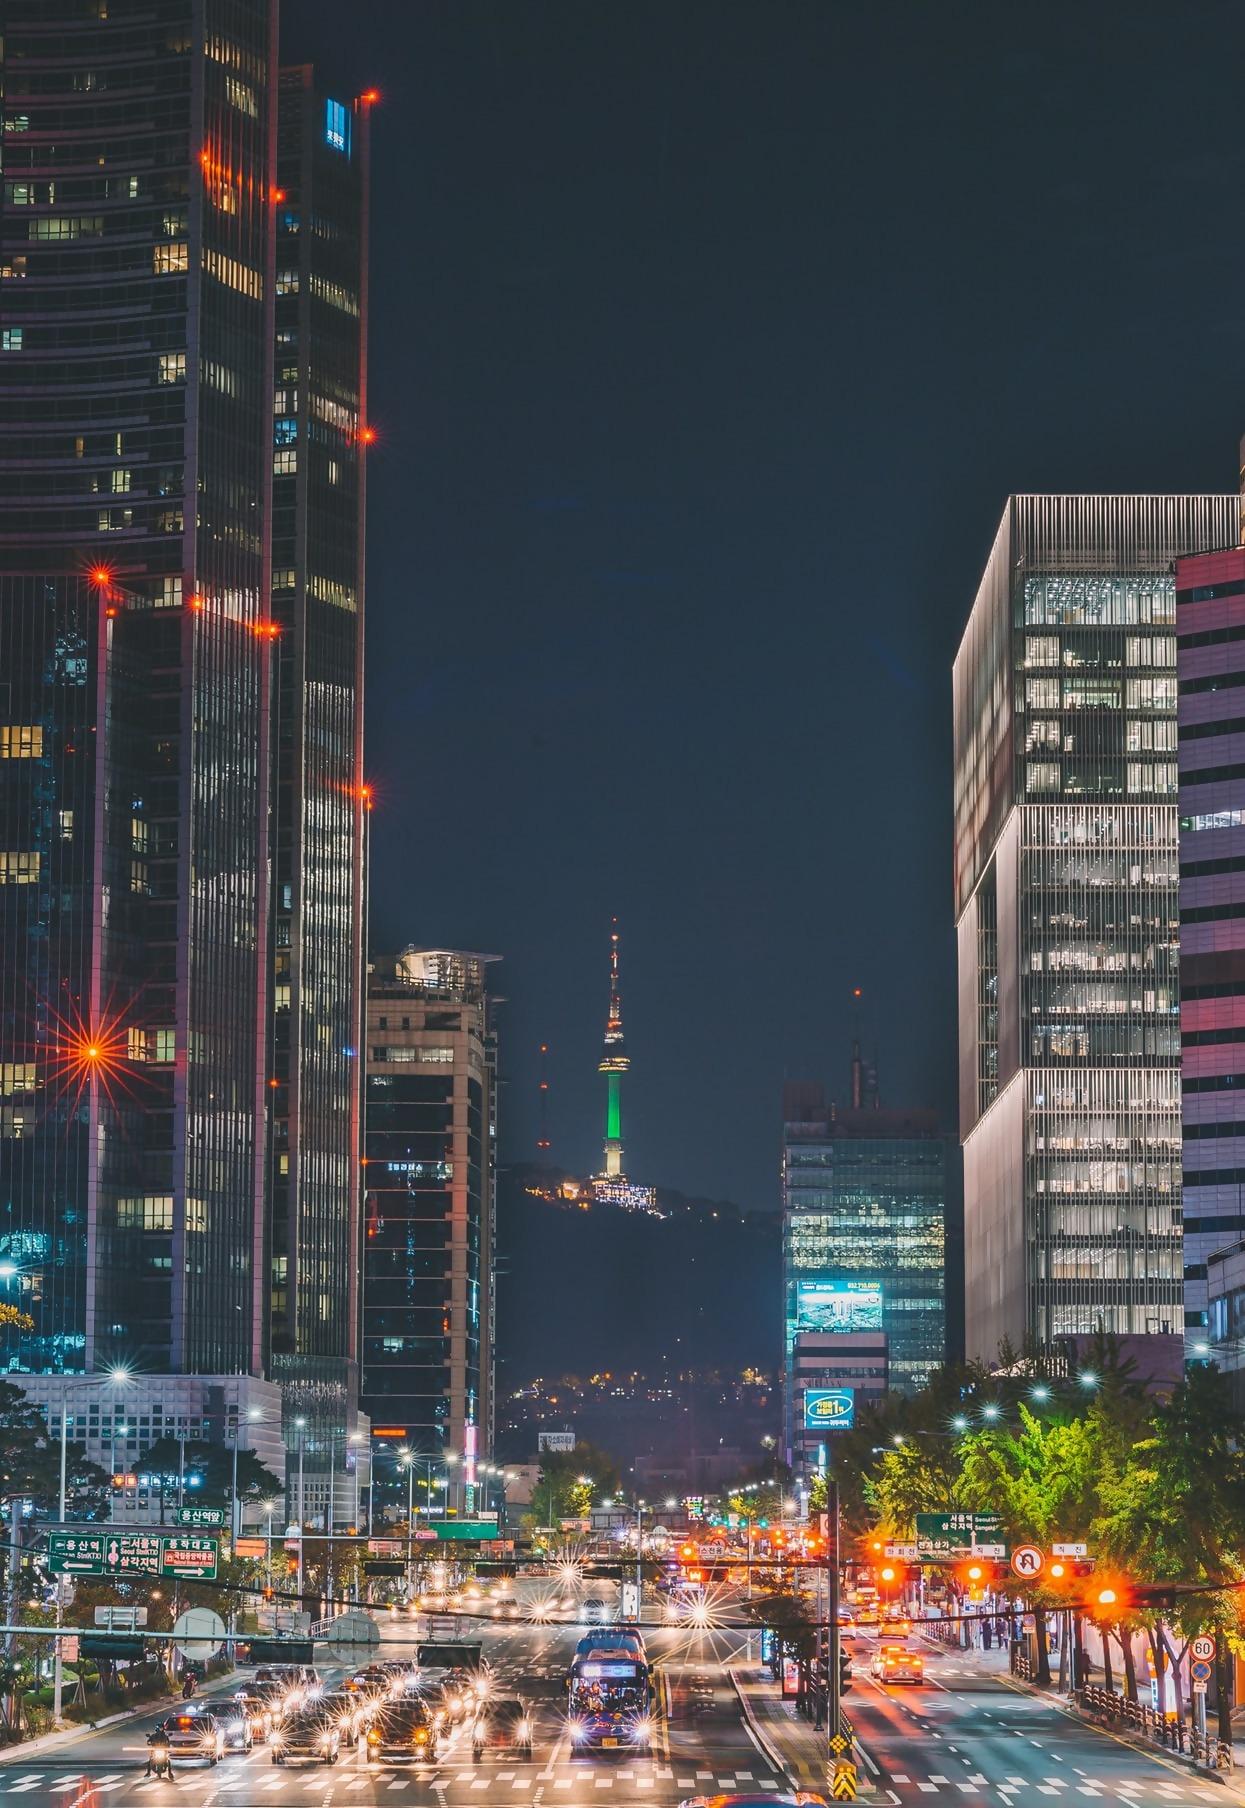 Slika na kojoj se prikazuje zgrada, svijetlo, grad, na otvorenom Opis je automatski generiran